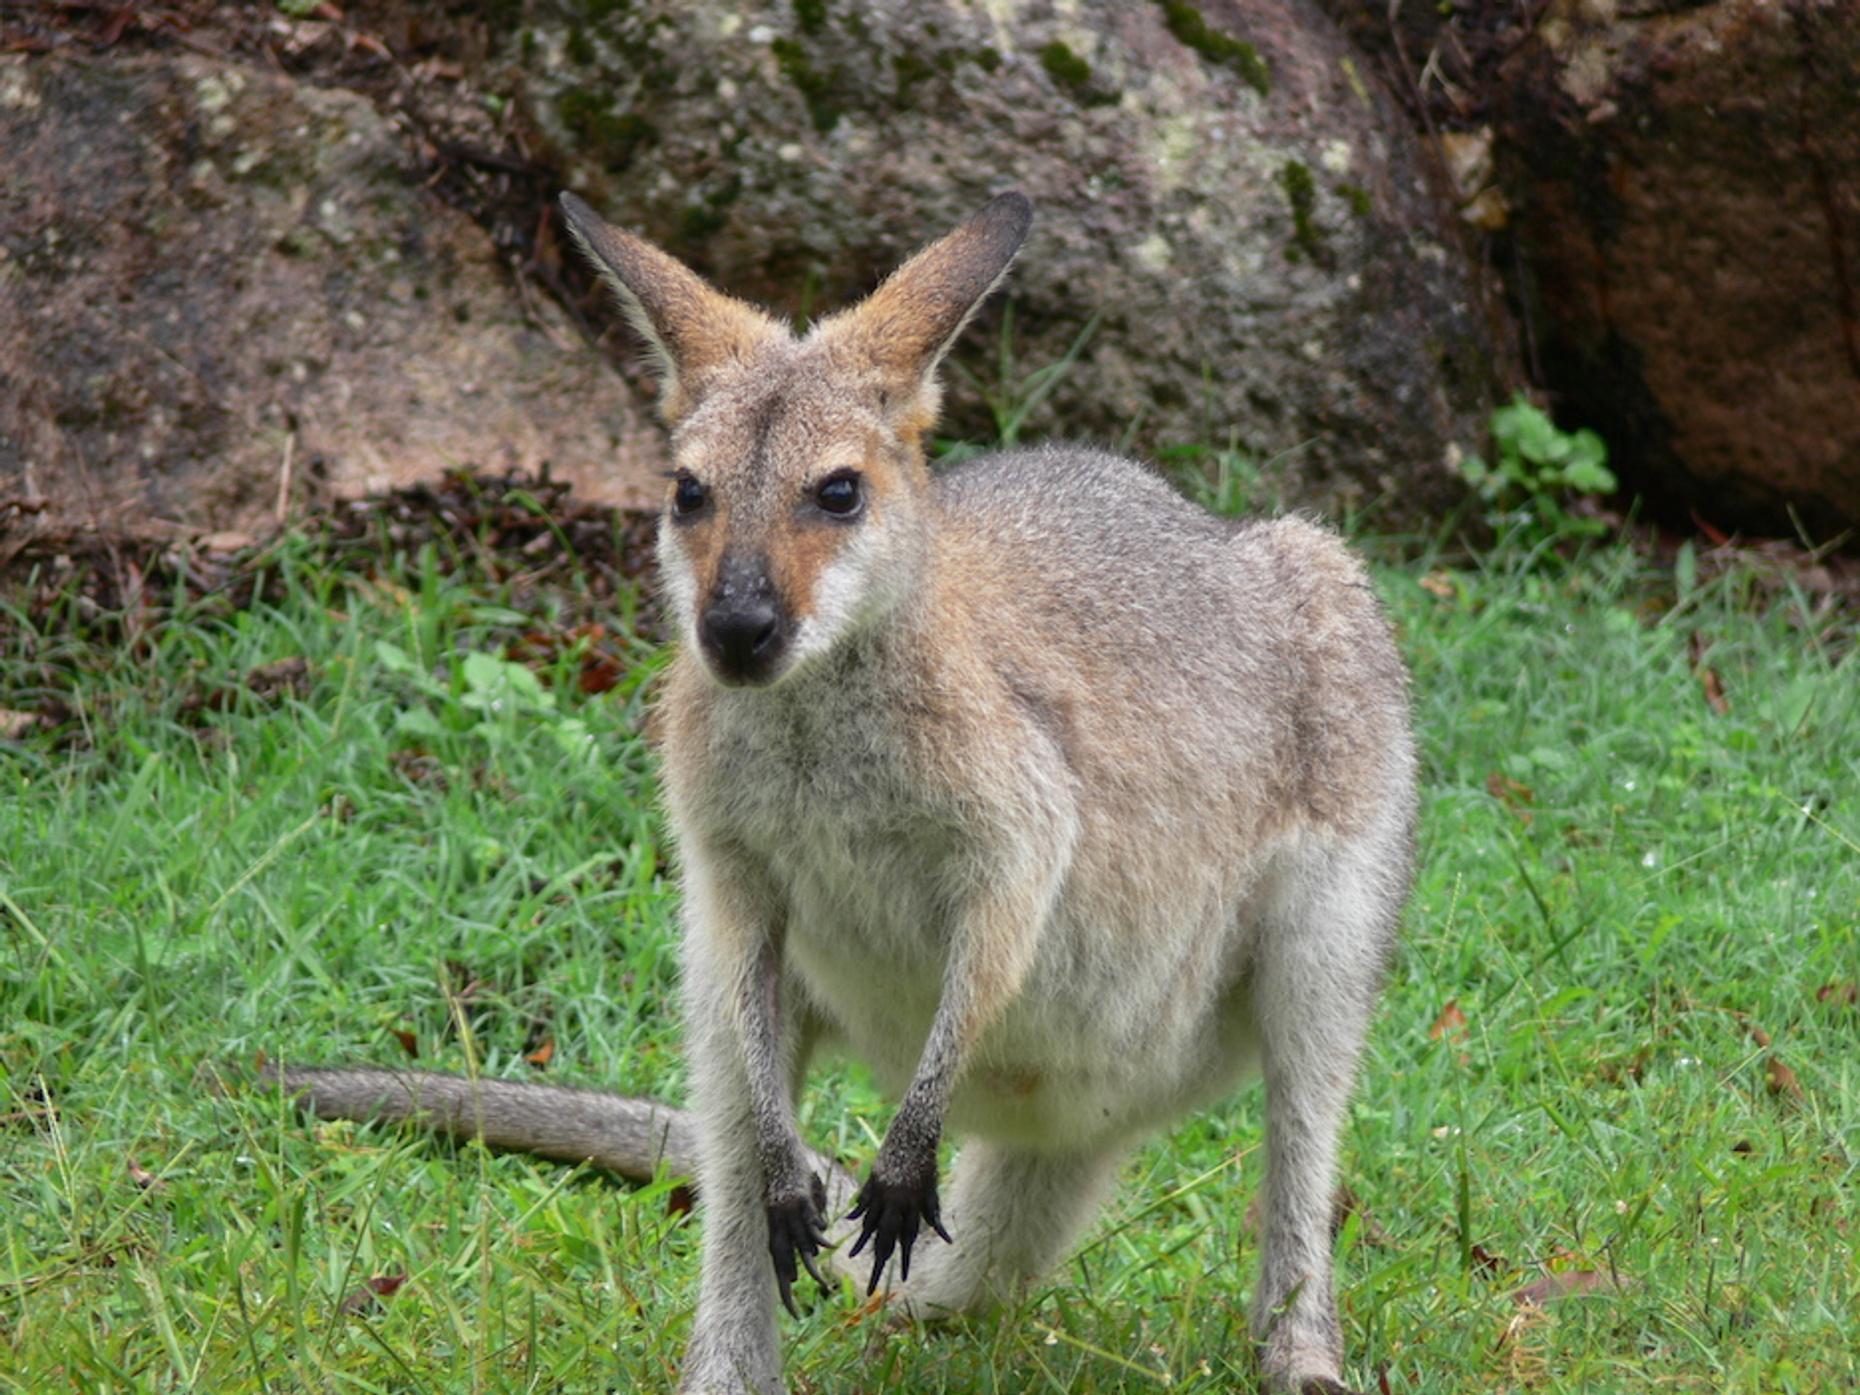 Kangaroo Encounter at a Zoo in Georgia